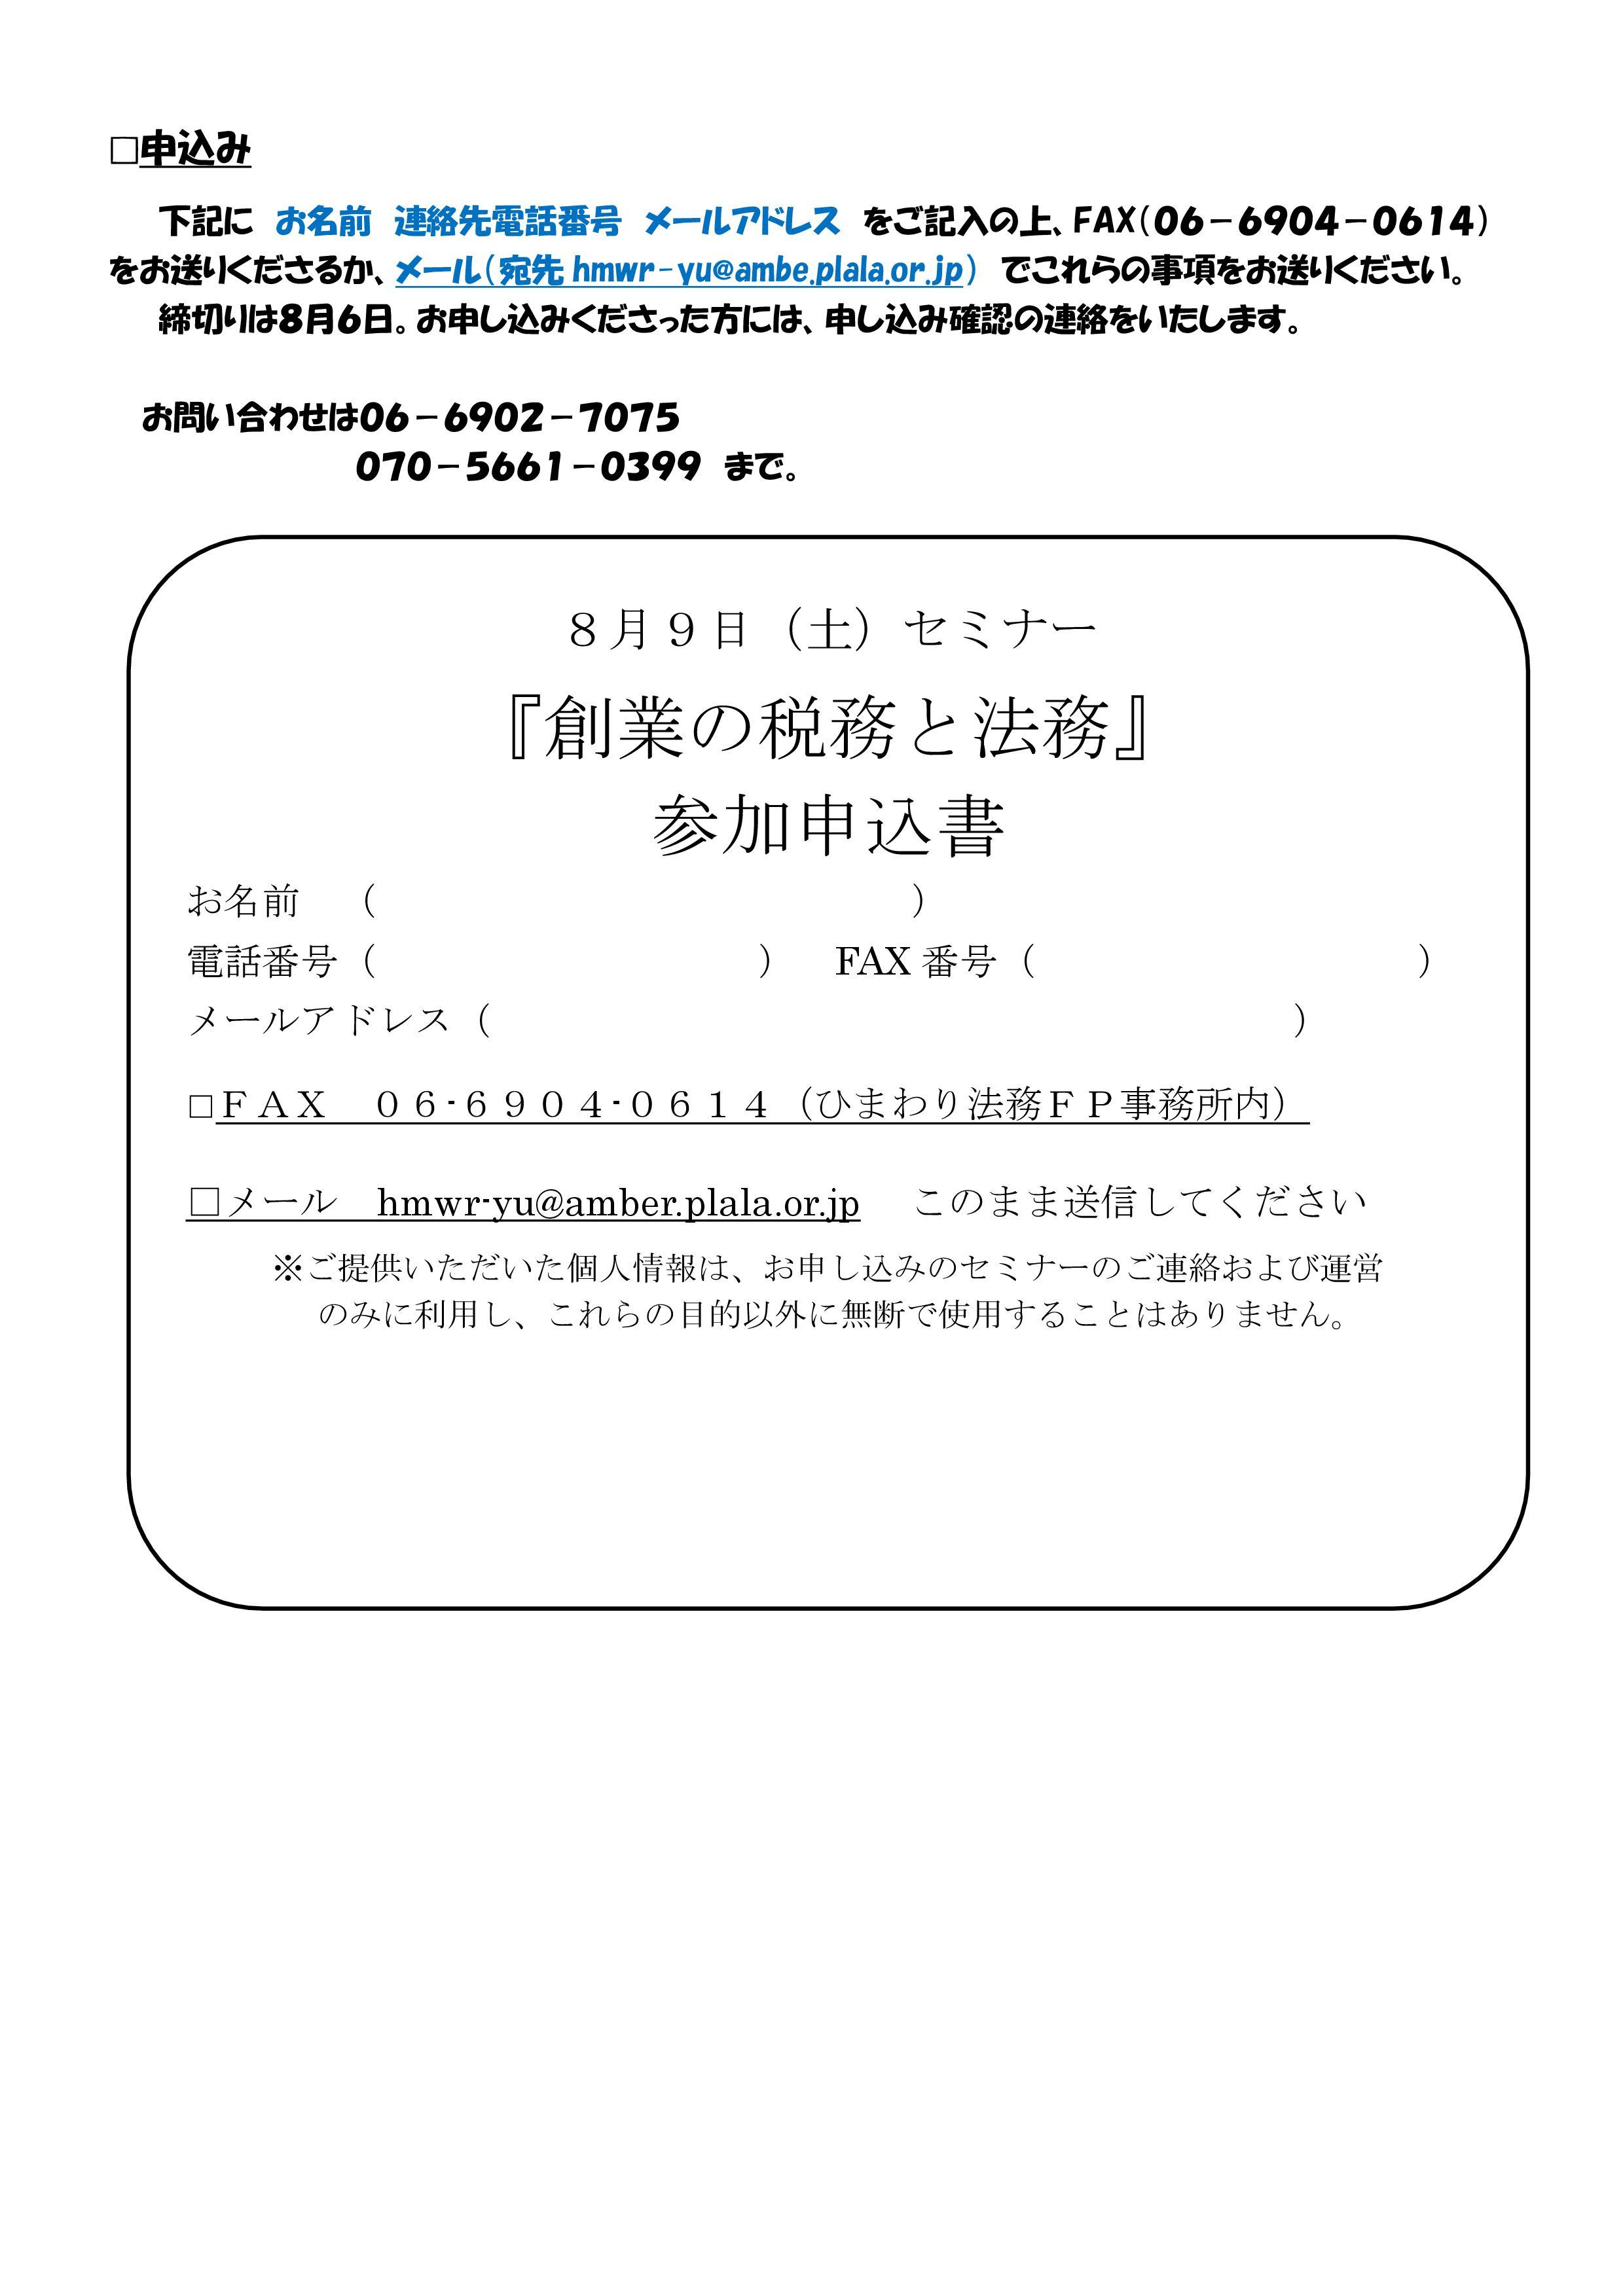 木村税理士コラボセミナーチラシ 26.8-002.jpg